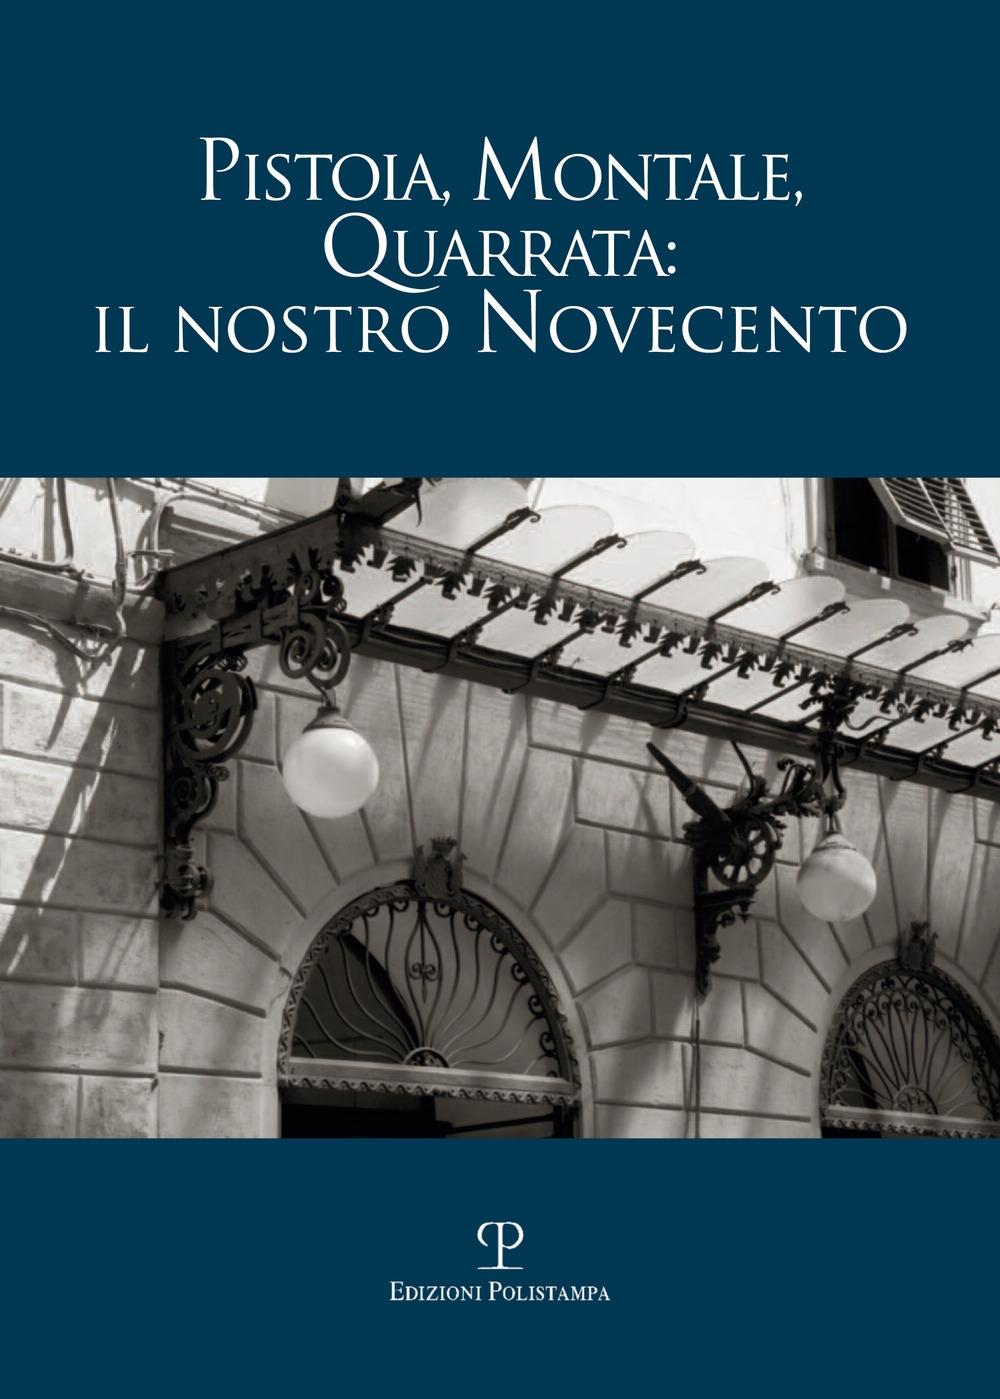 Pistoia, Montale, Quarrata: il nostro Novecento